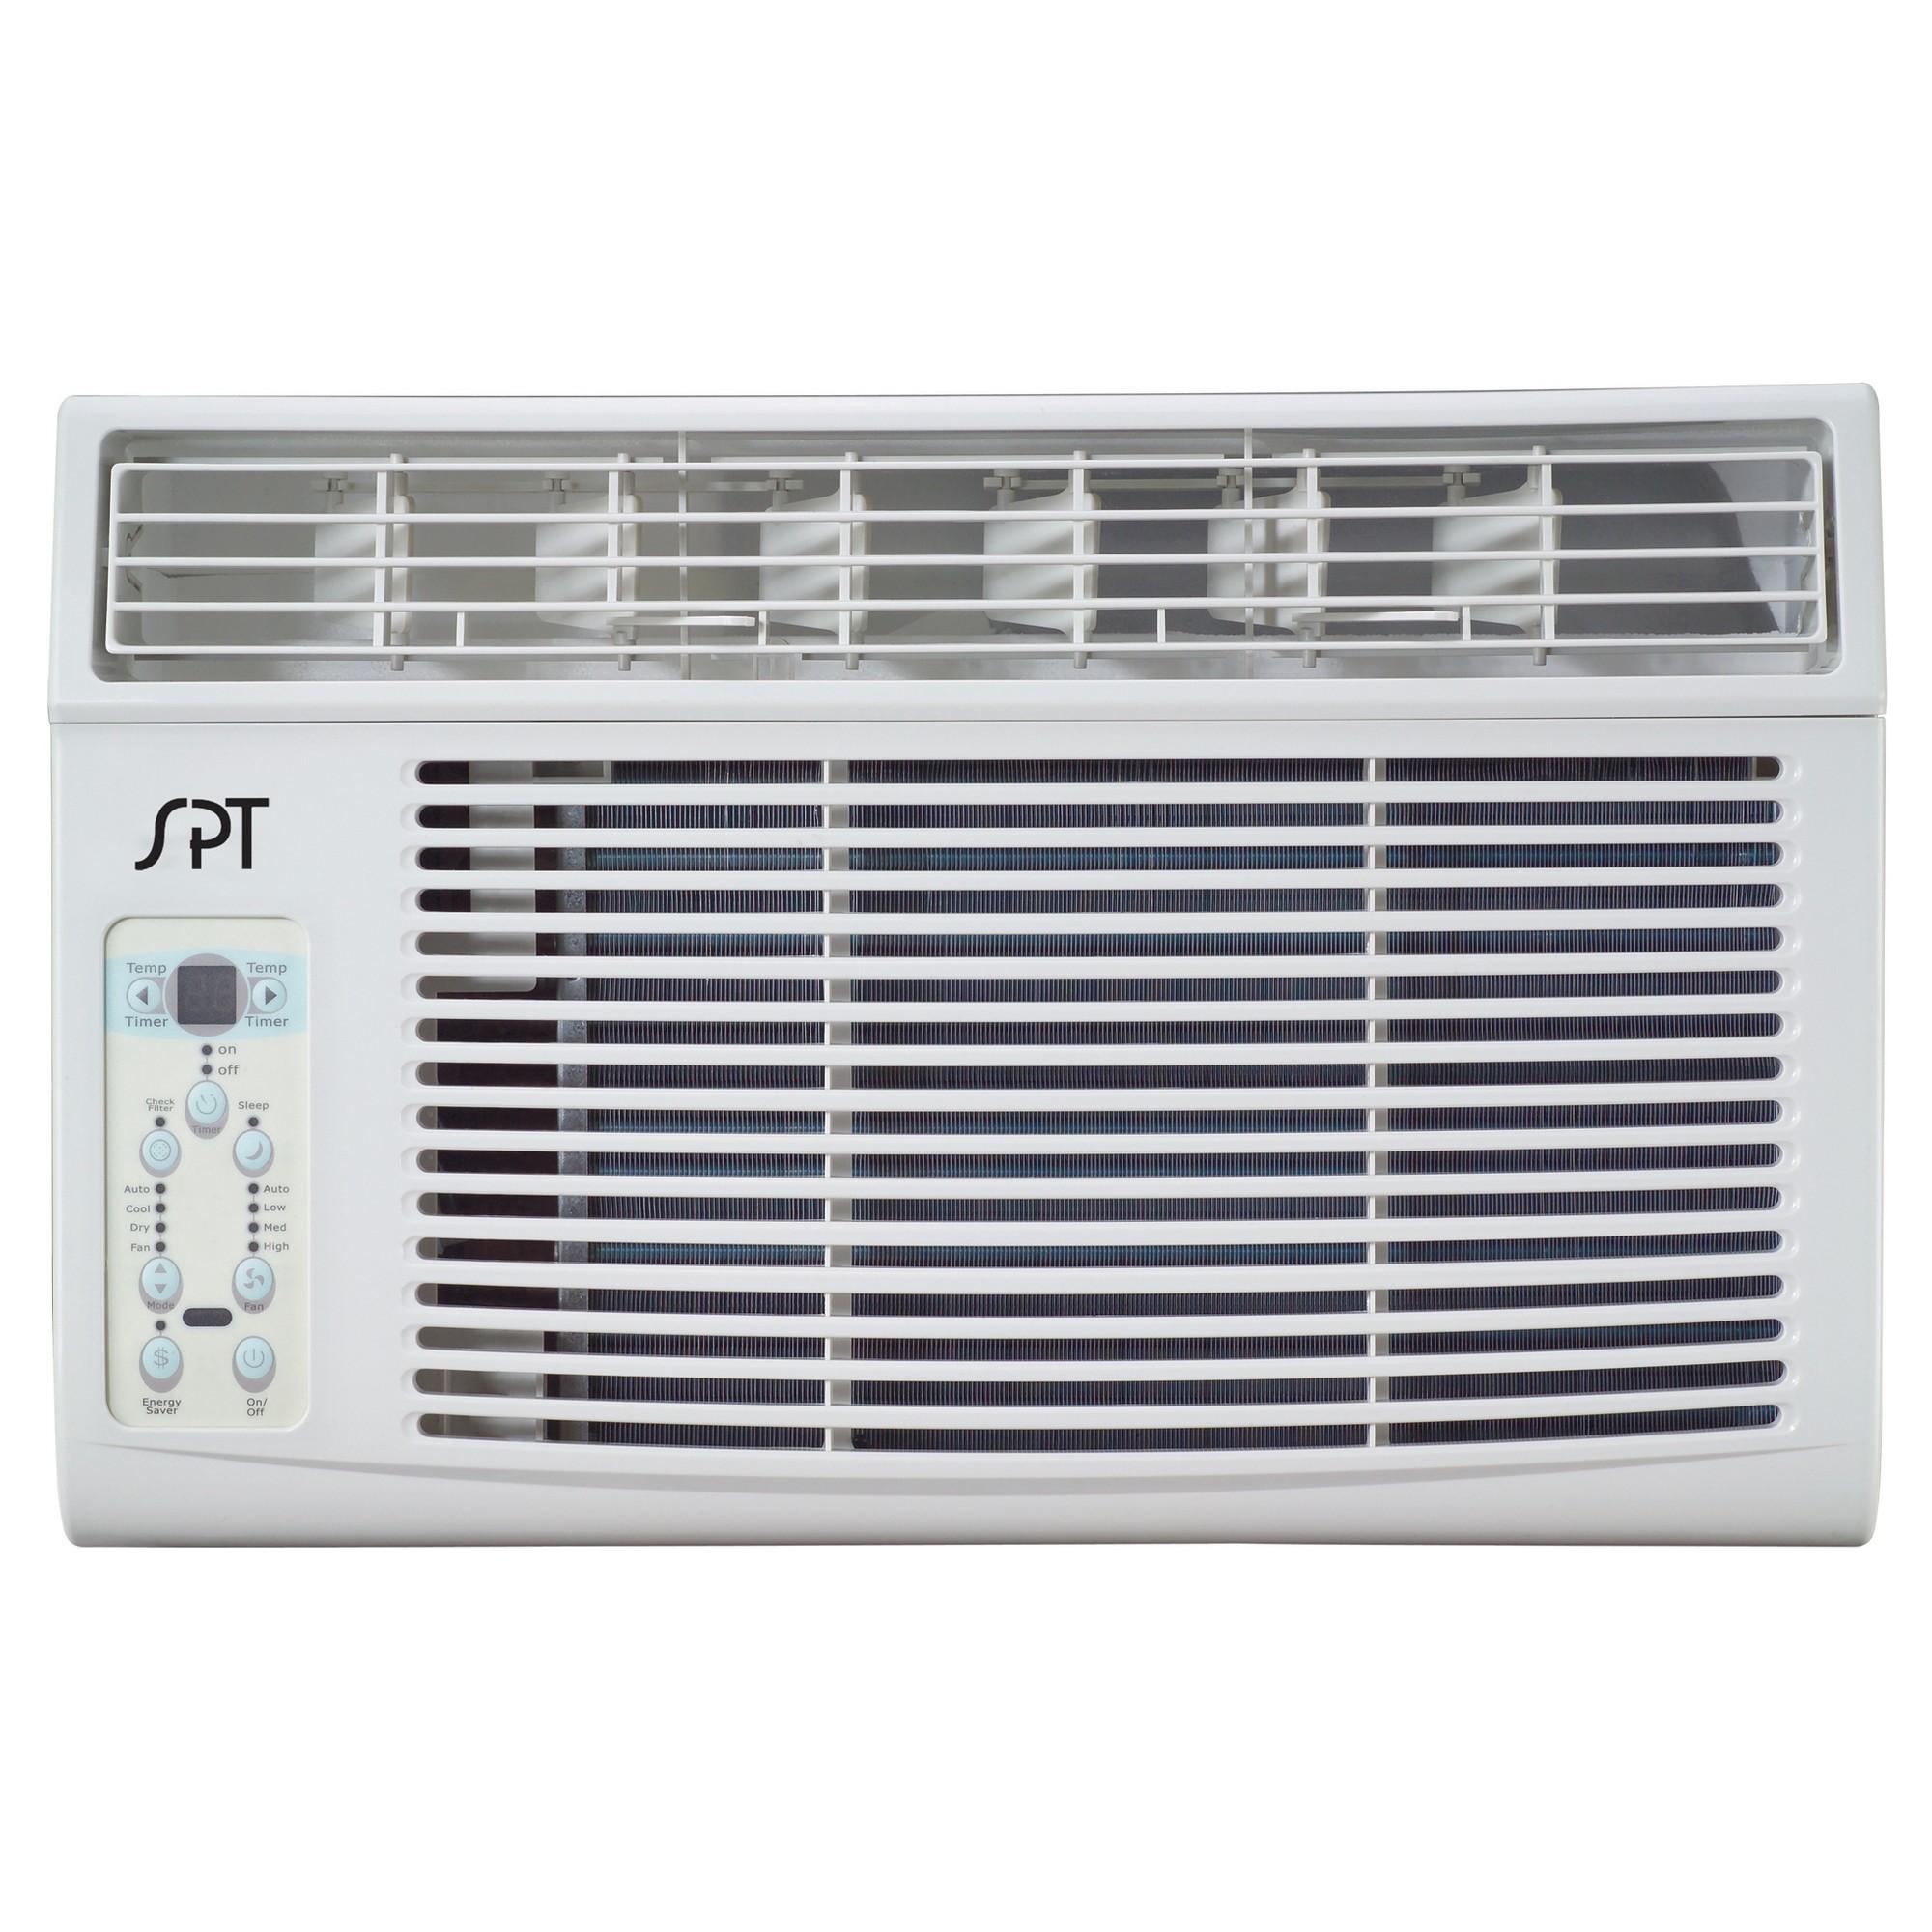 Sunpentown 10000Btu Energy Star Window Air Conditioner